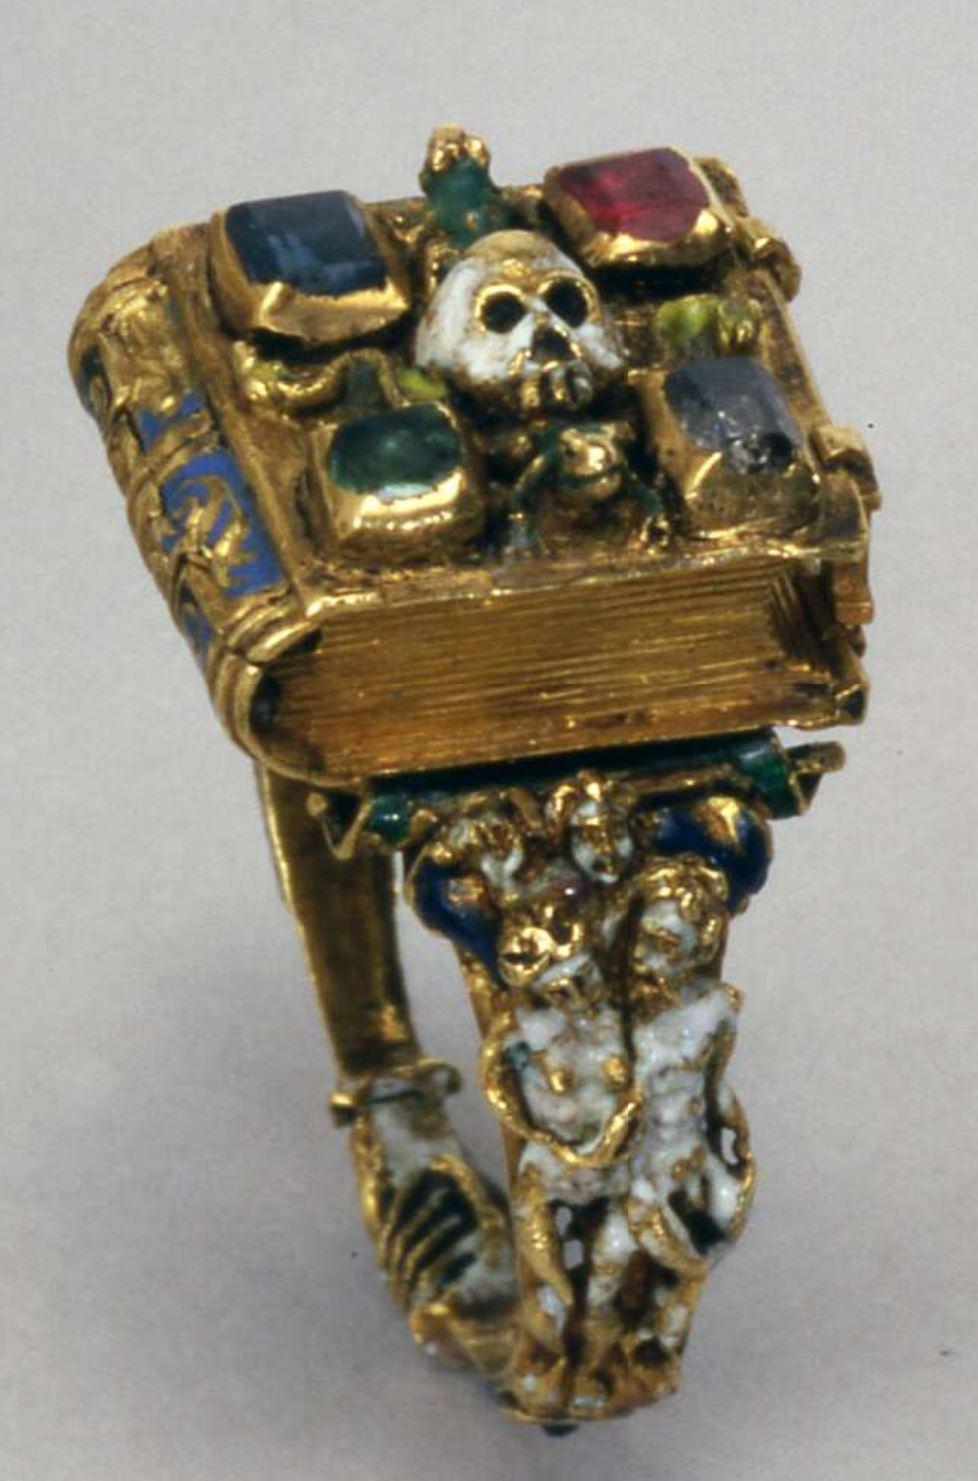 Anneau Memento Mori Flandres 1525-1575 British Museum C